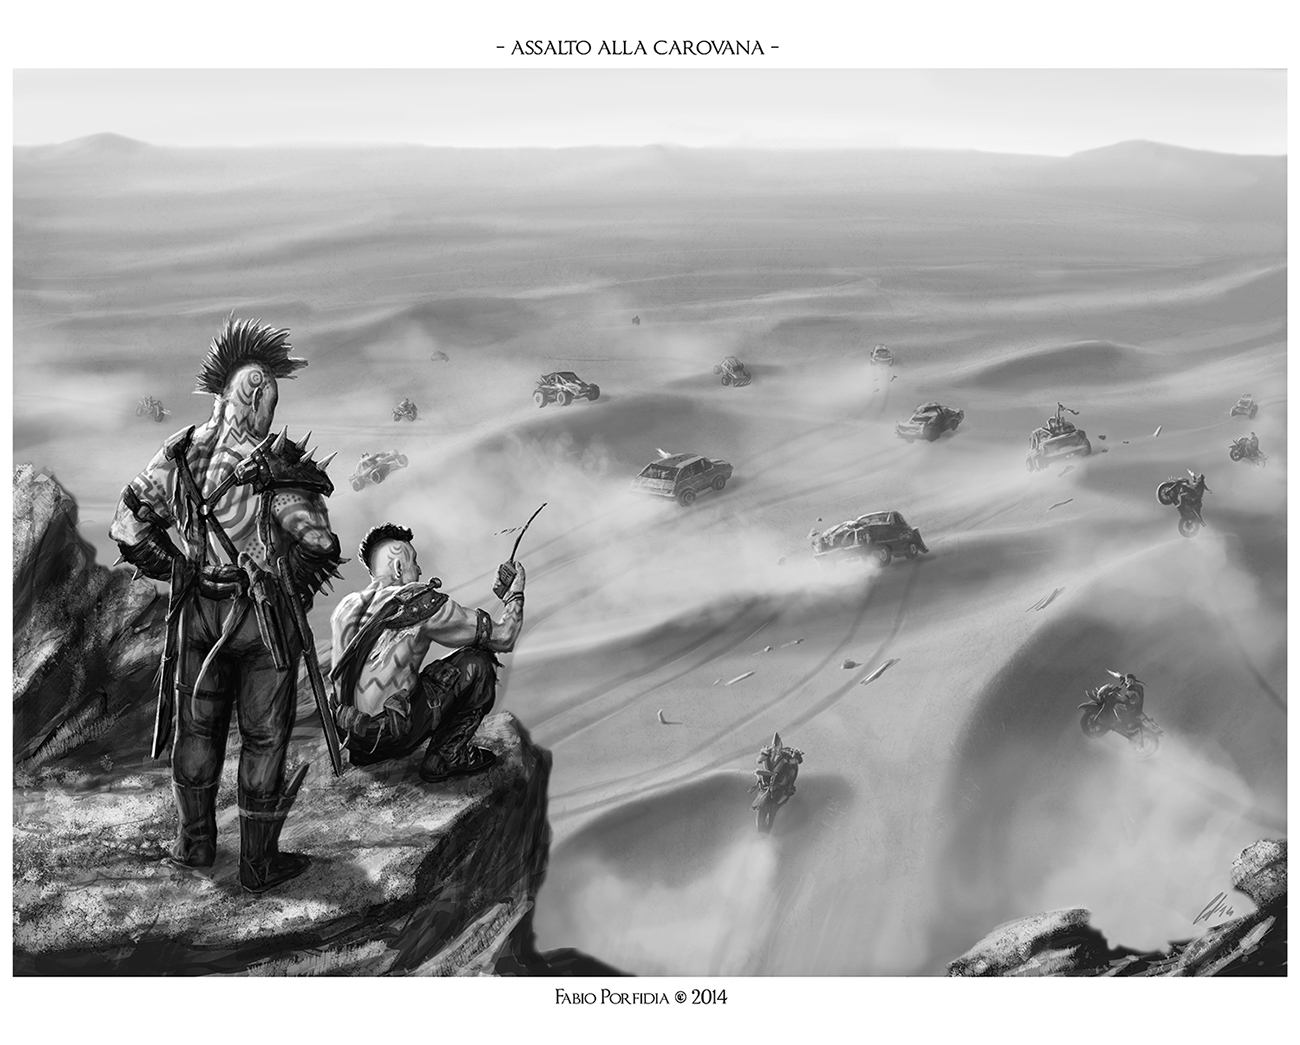 Assalto alla Carovana